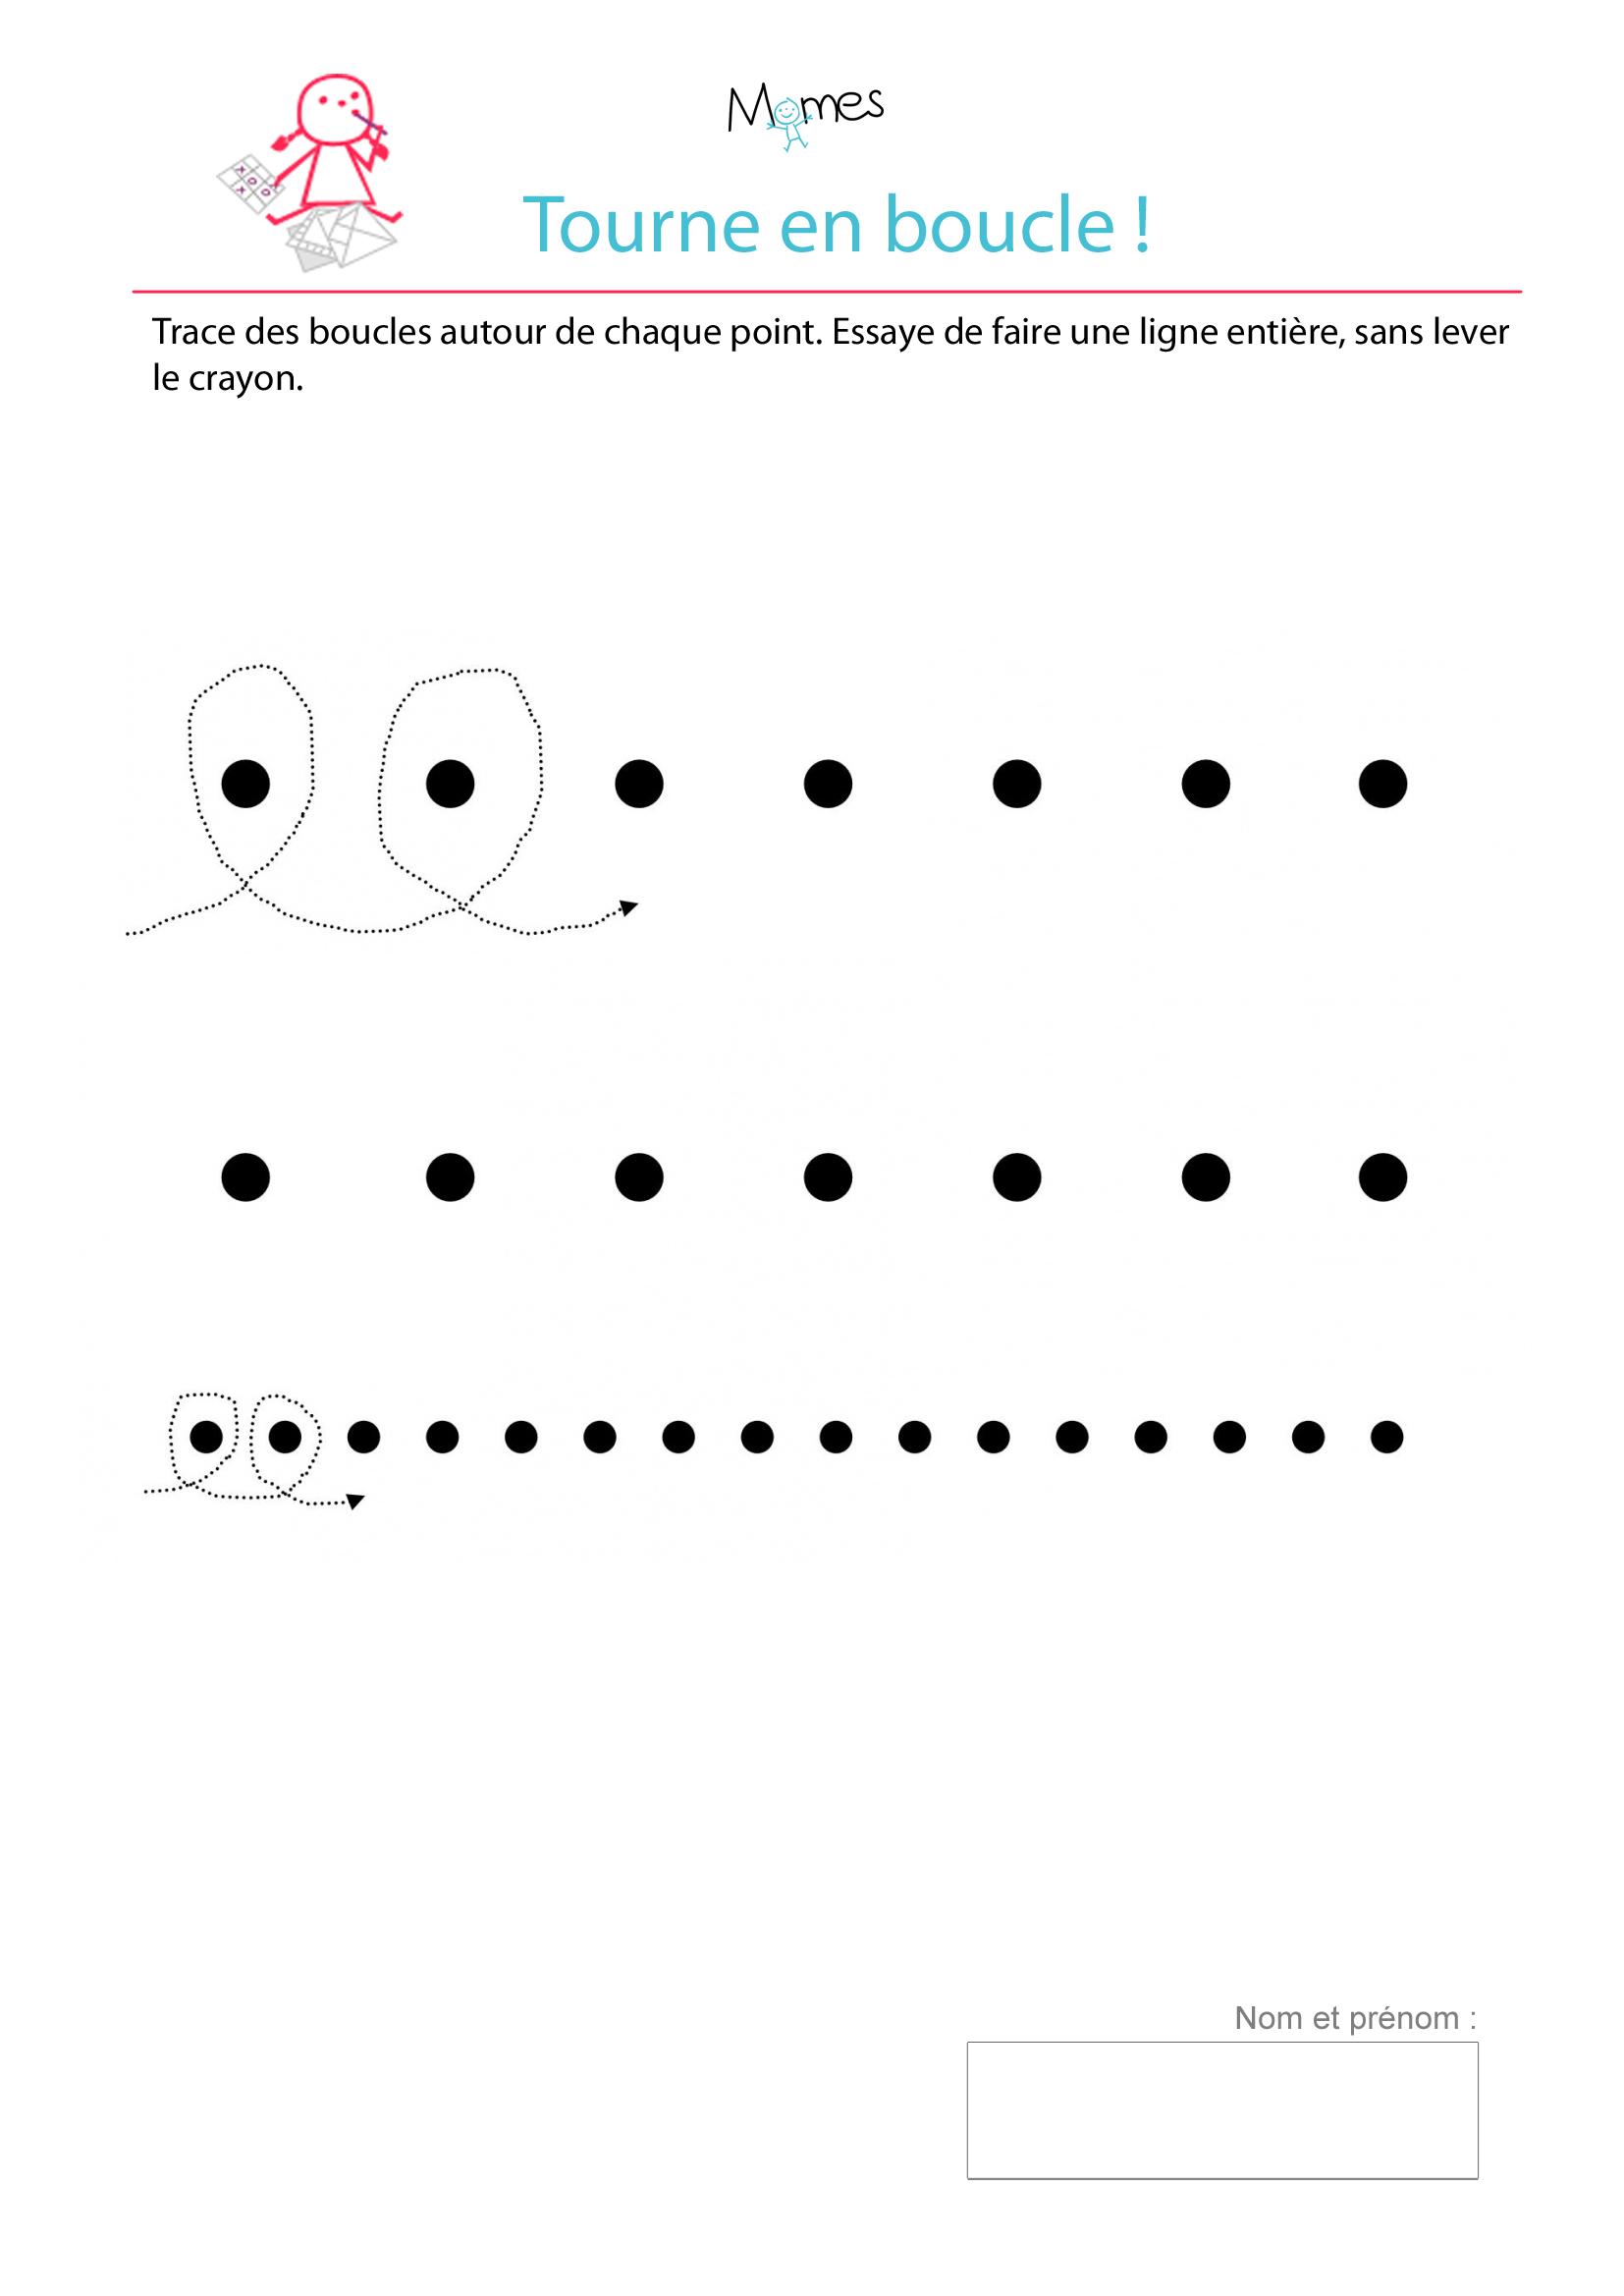 exercice d 39 criture tracer des boucles autour de points. Black Bedroom Furniture Sets. Home Design Ideas